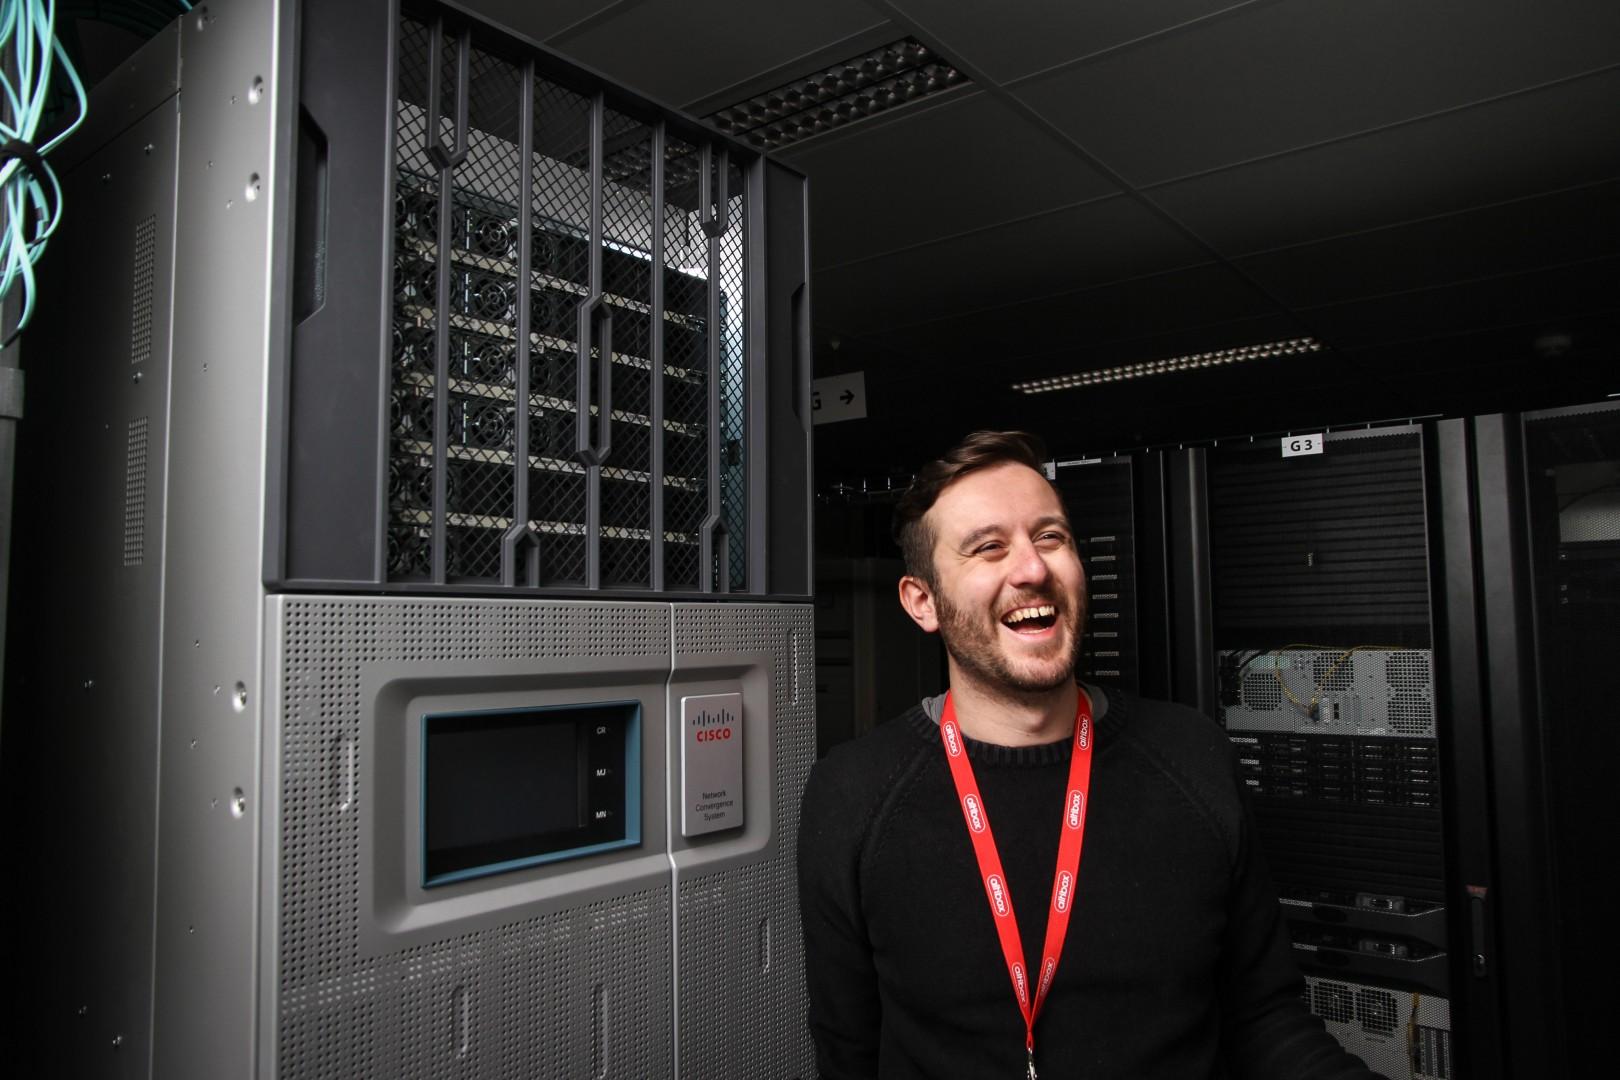 Bilde av nettverksingeniør Matteo Malvica i Altibox